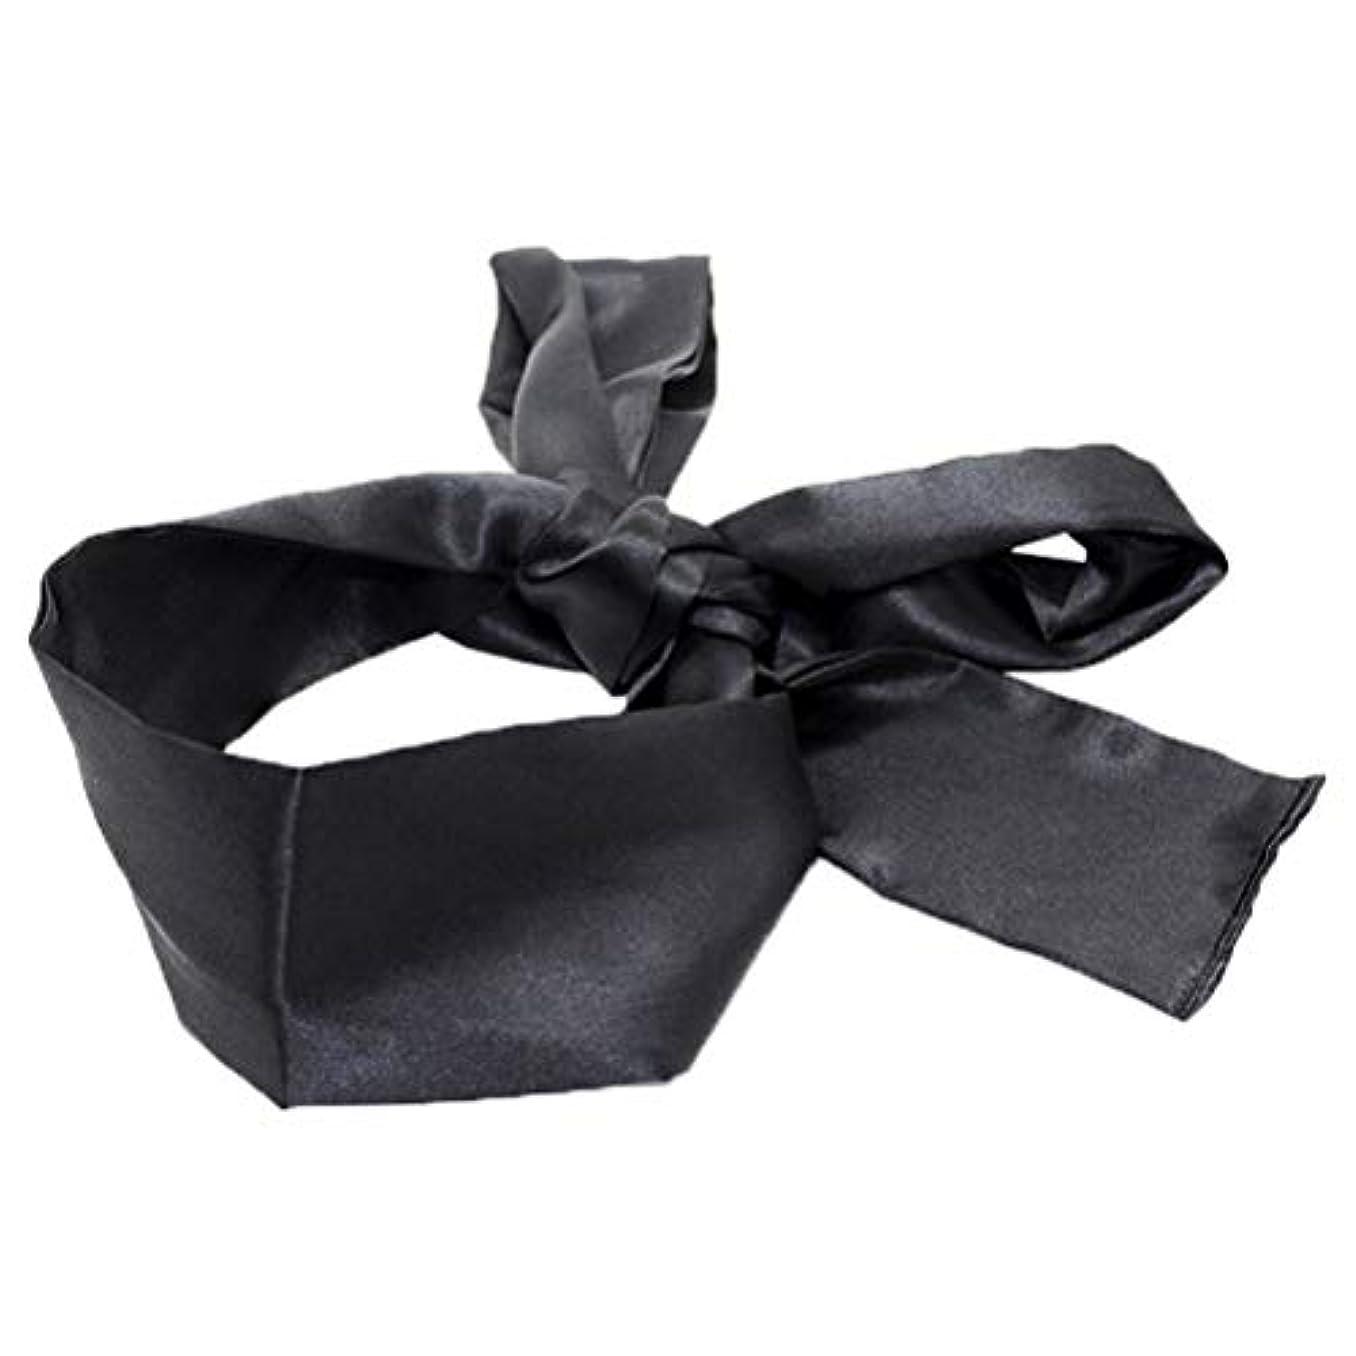 下位貴重な混沌HEALIFTY 睡眠マスクホームトラベルコスチューム小道具(ブラック)用サテン目隠しソフト快適なアイマスクバンドブラインダー